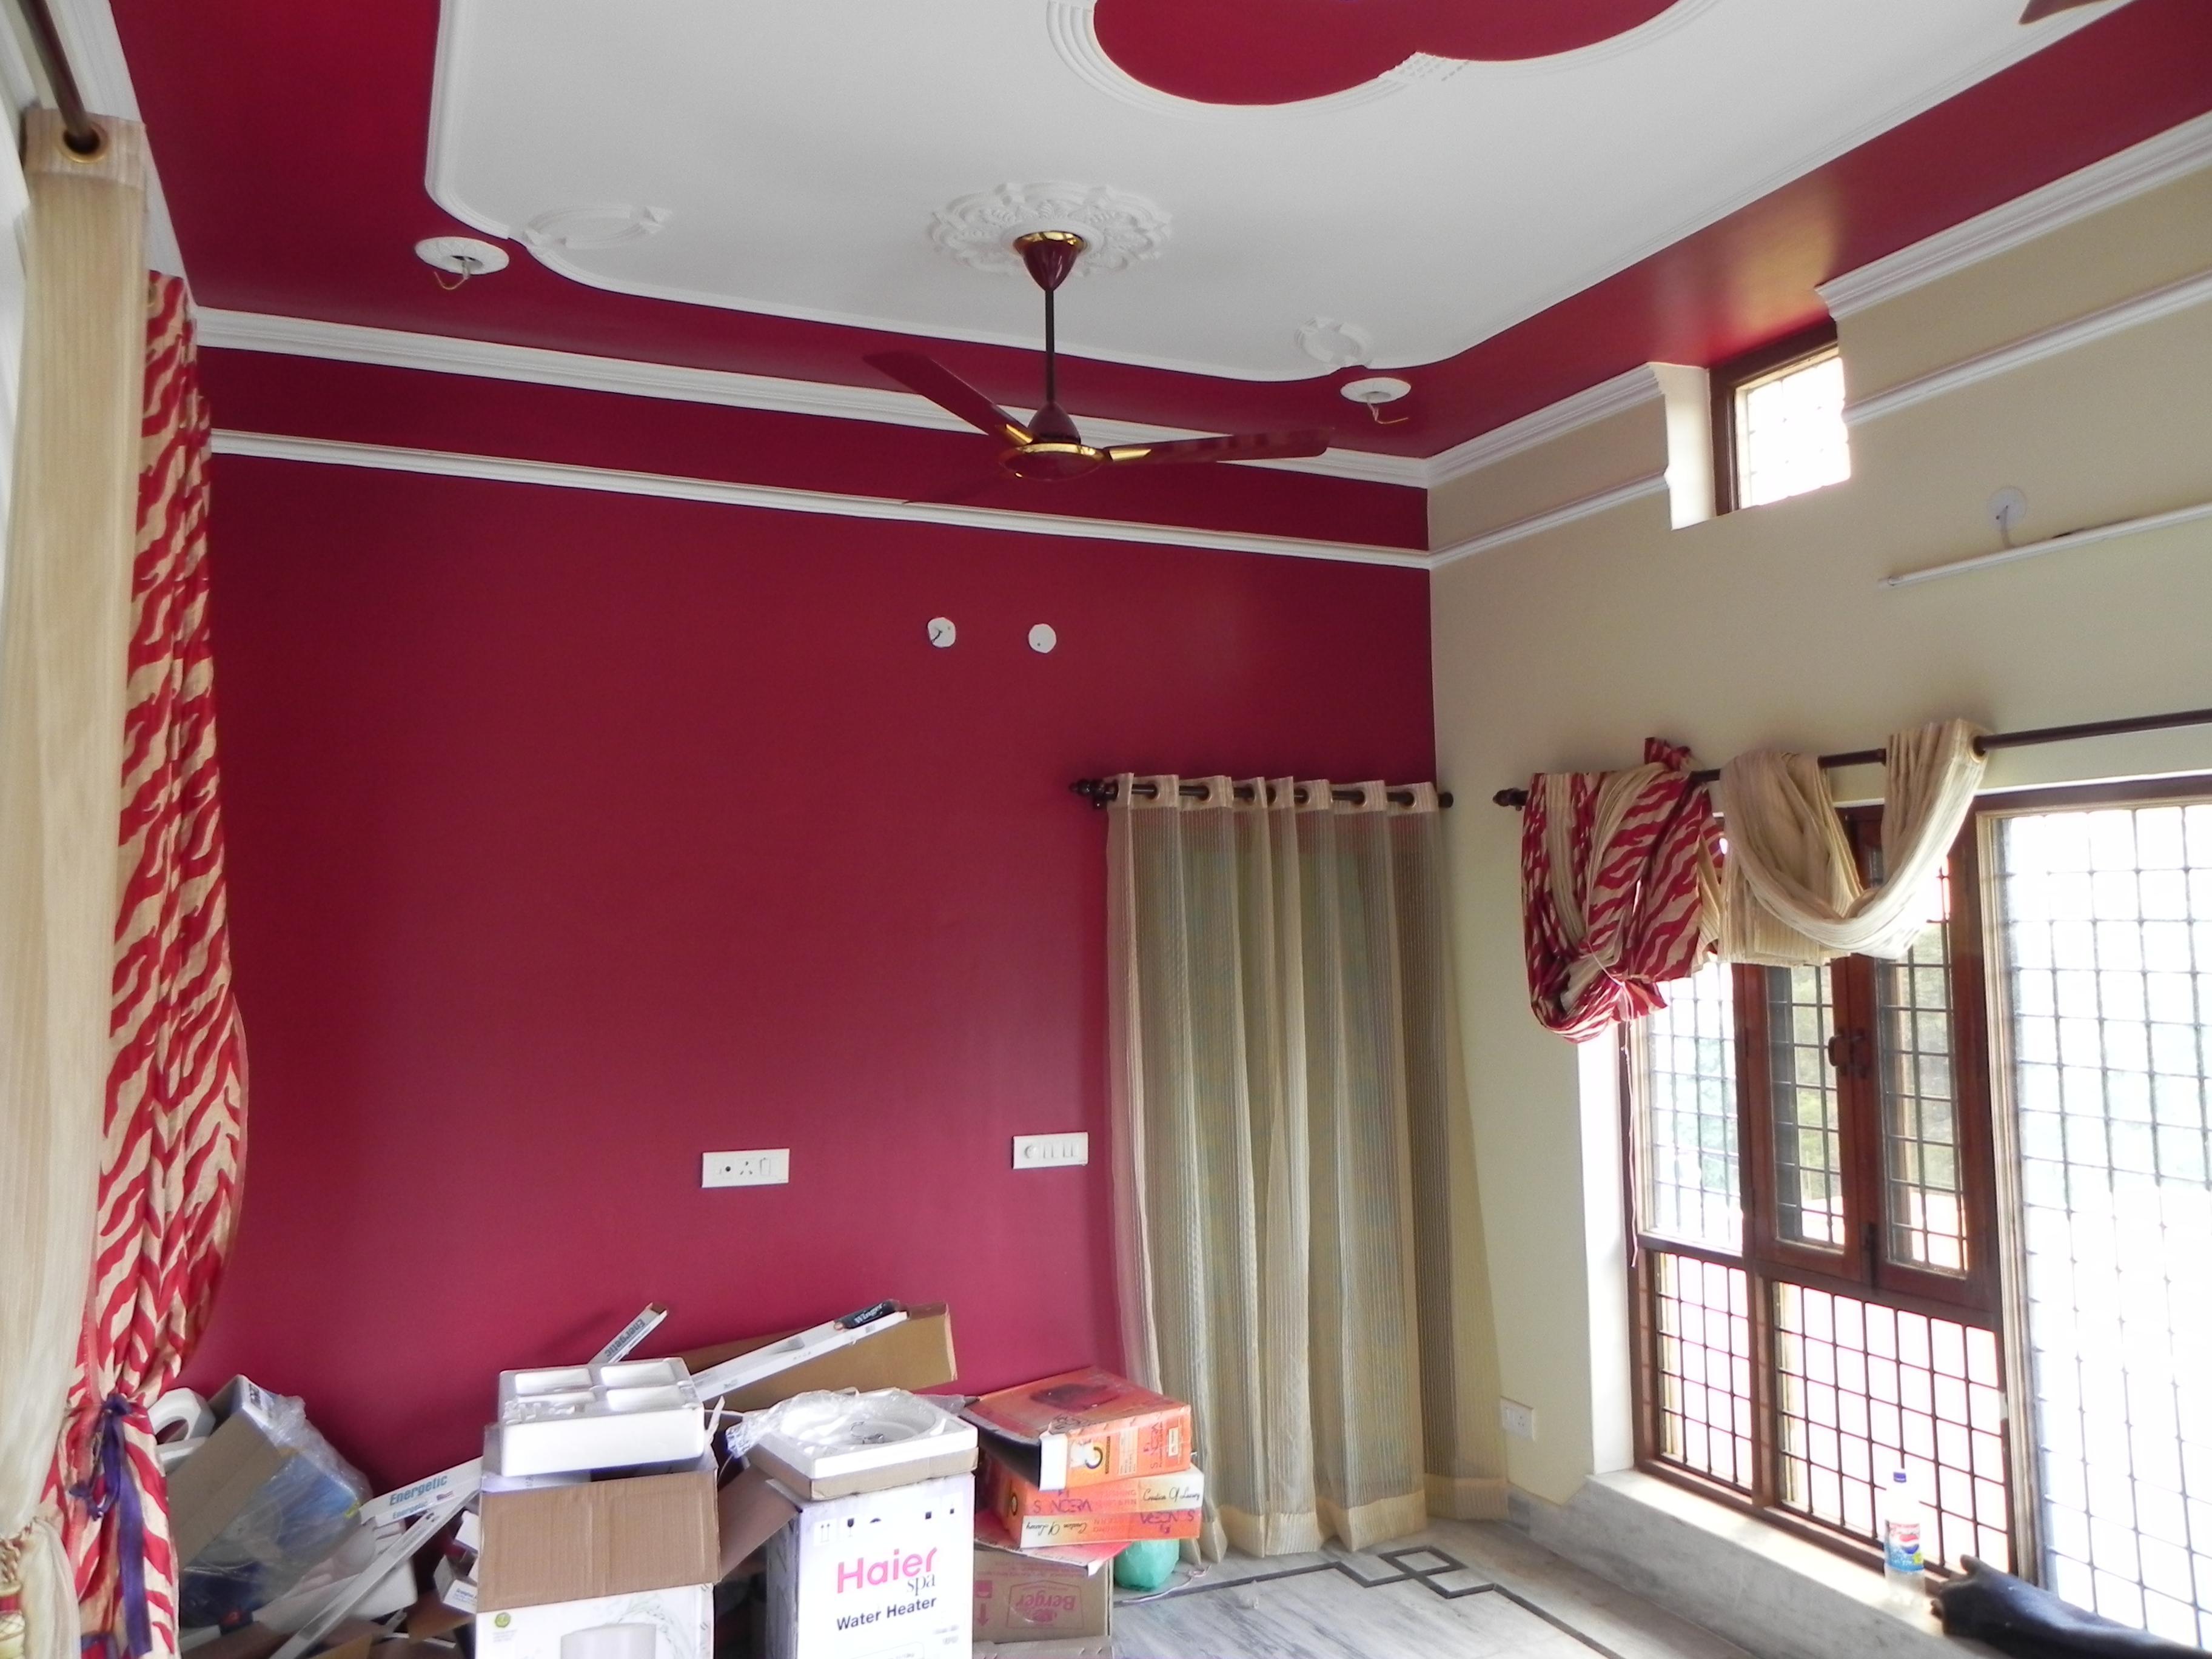 Dark Colour Choice For Room Decor Gharexpert